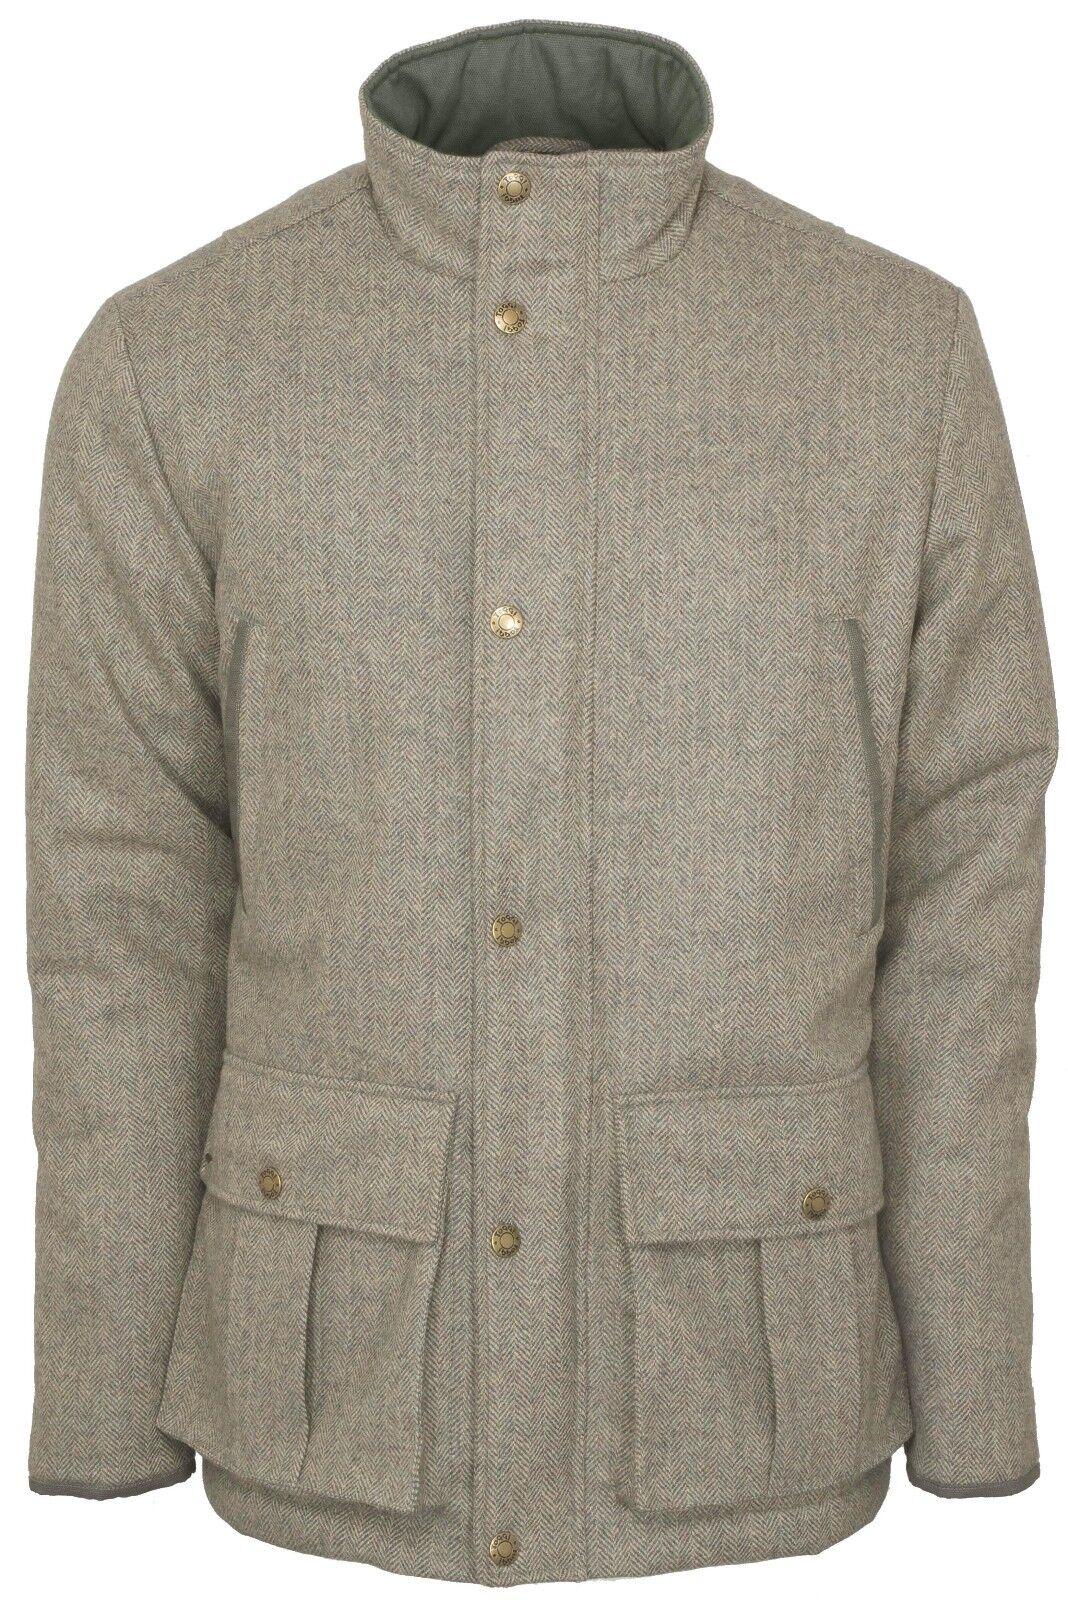 Toggi Da Uomo cheswick Impermeabile e Traspirante Cappotto di Tweed